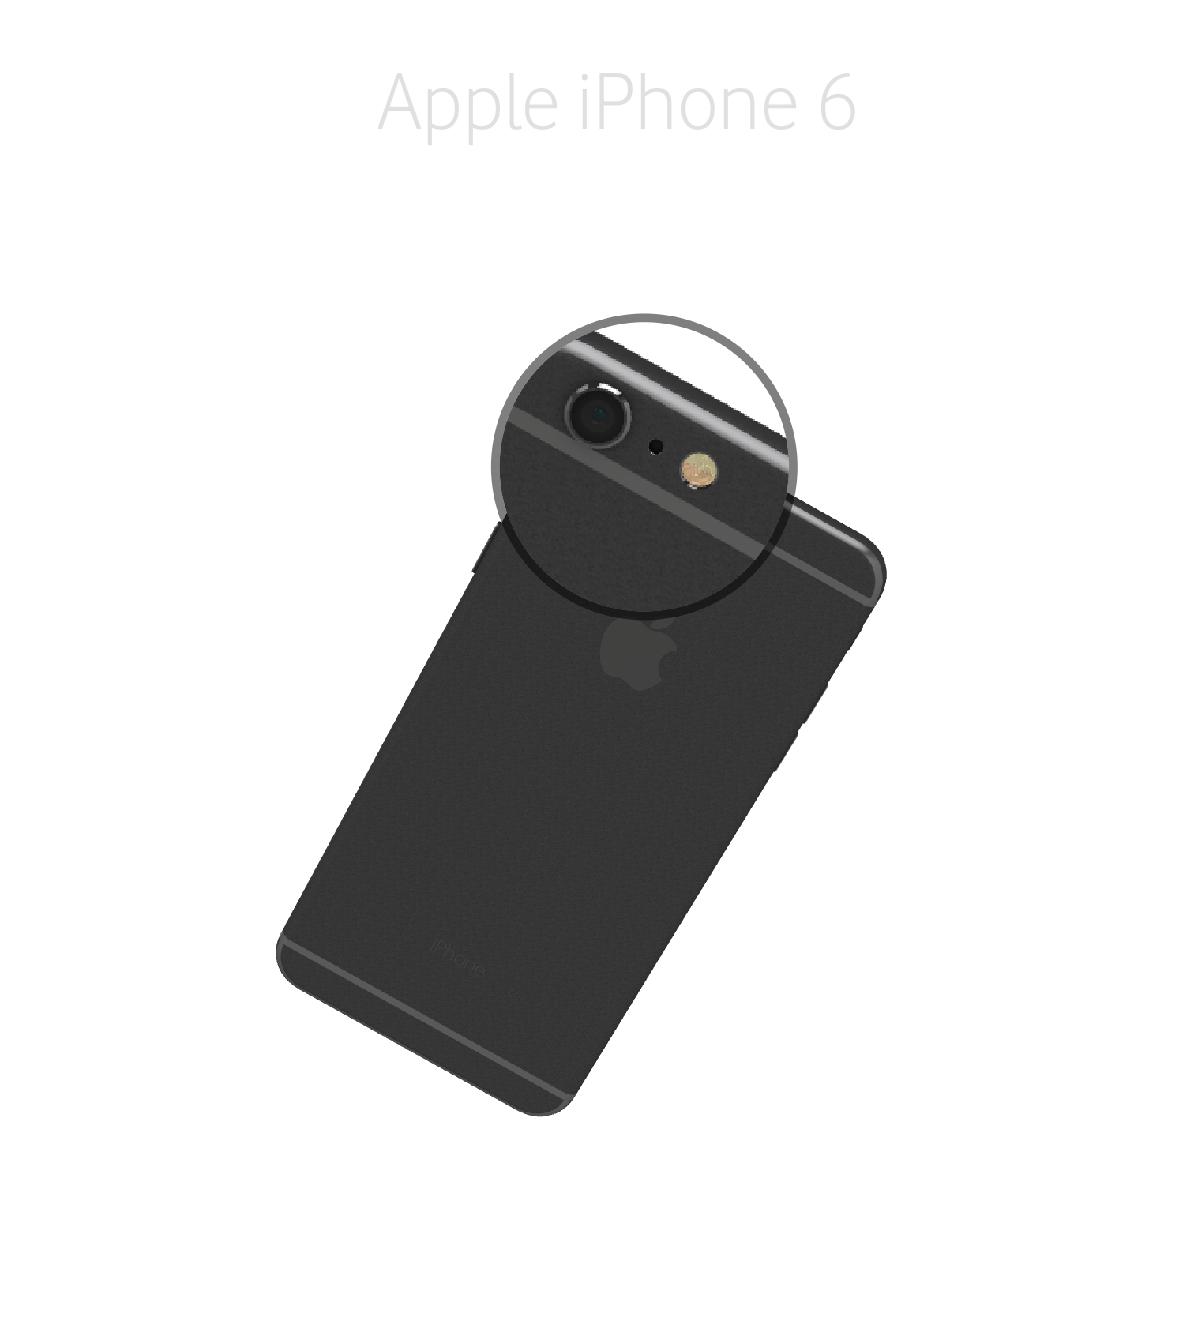 Laga kameralins iPhone 6